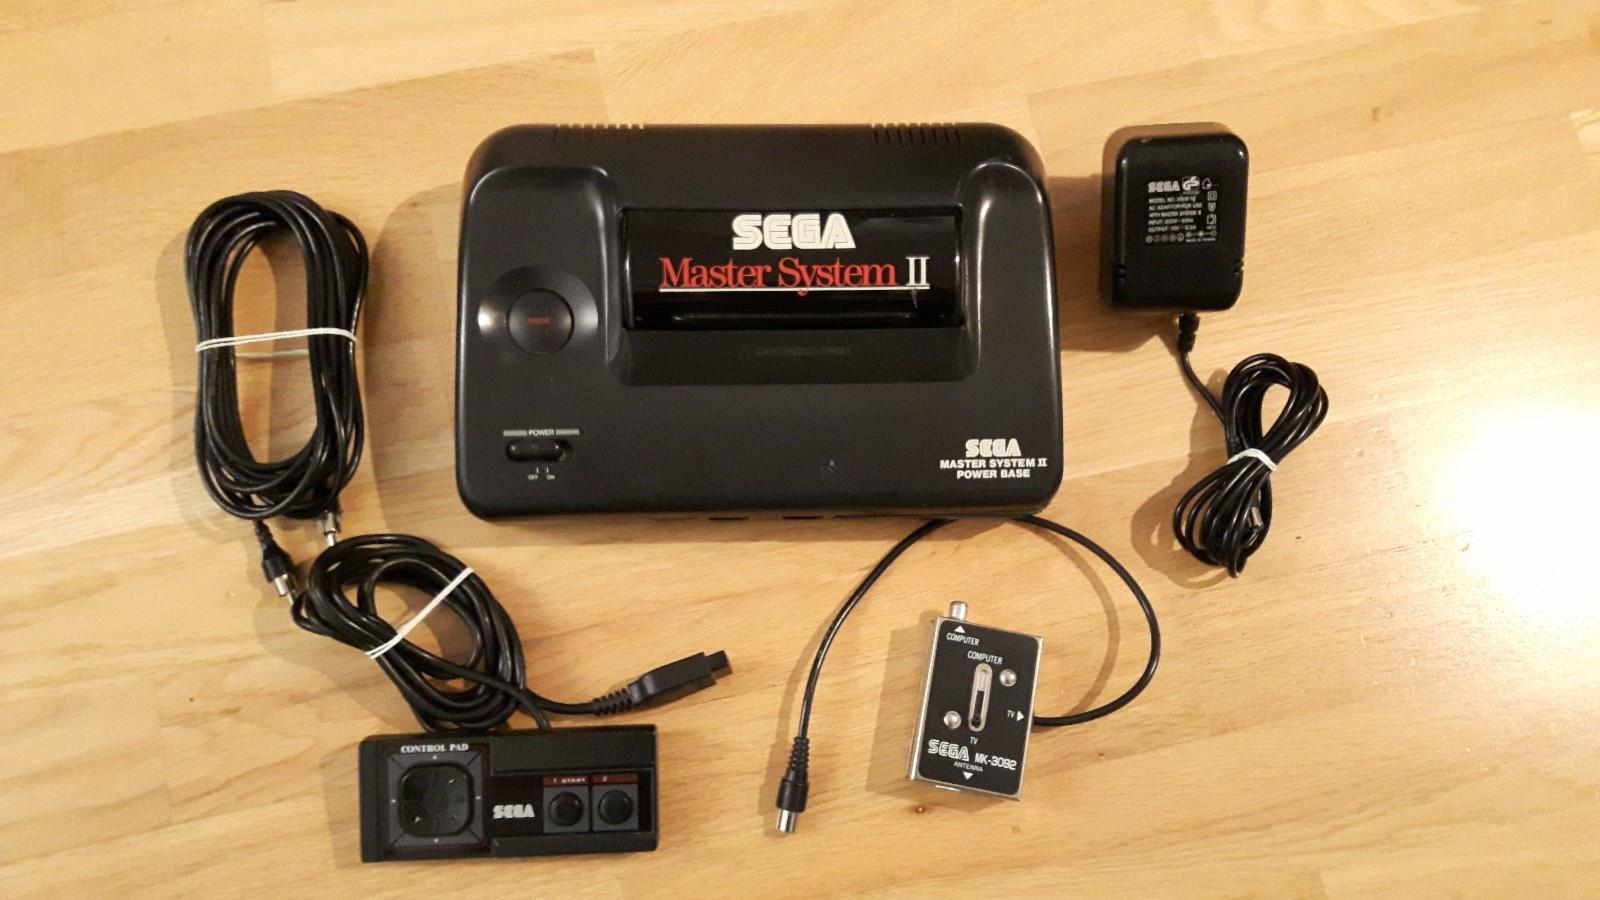 Komplett Sega Master system 2 med 3 spill - Grimstad  - Komplett Sega Master System 2 med 3 spill. Selges høystbydende over kr 1000,- innen søndag 19.11.17.  Spill som følger med: Sonic Sonic 2 Global Gladiators - Grimstad